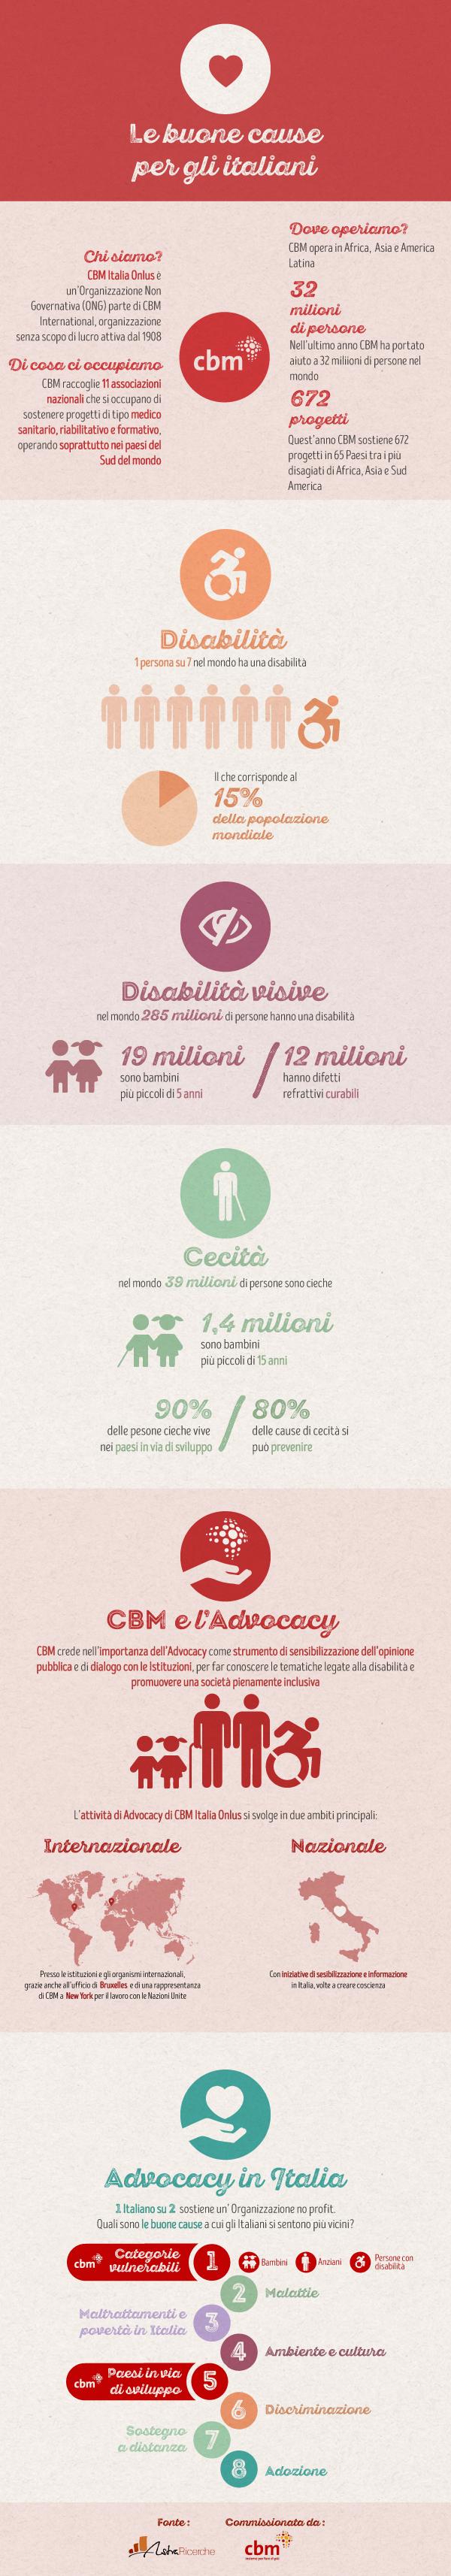 CBM_infografica (6)